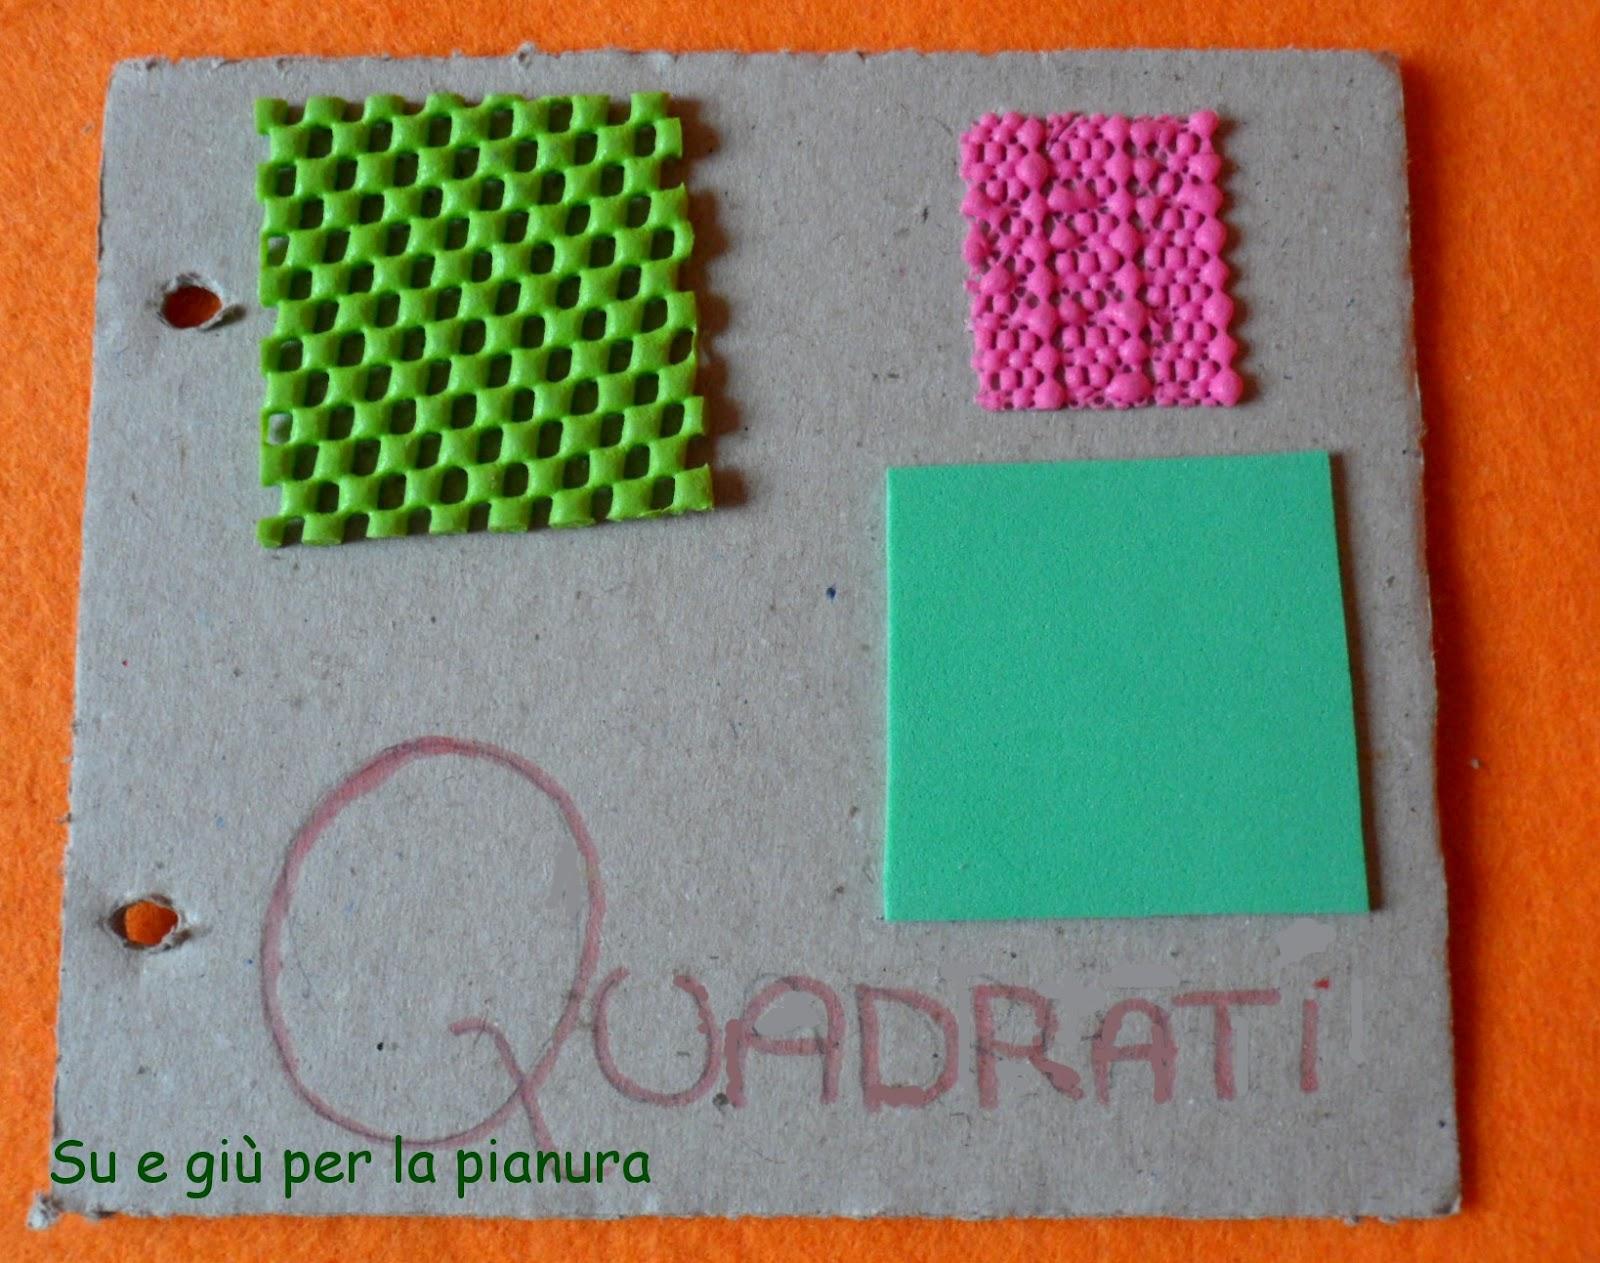 Materiali plastici gommosi